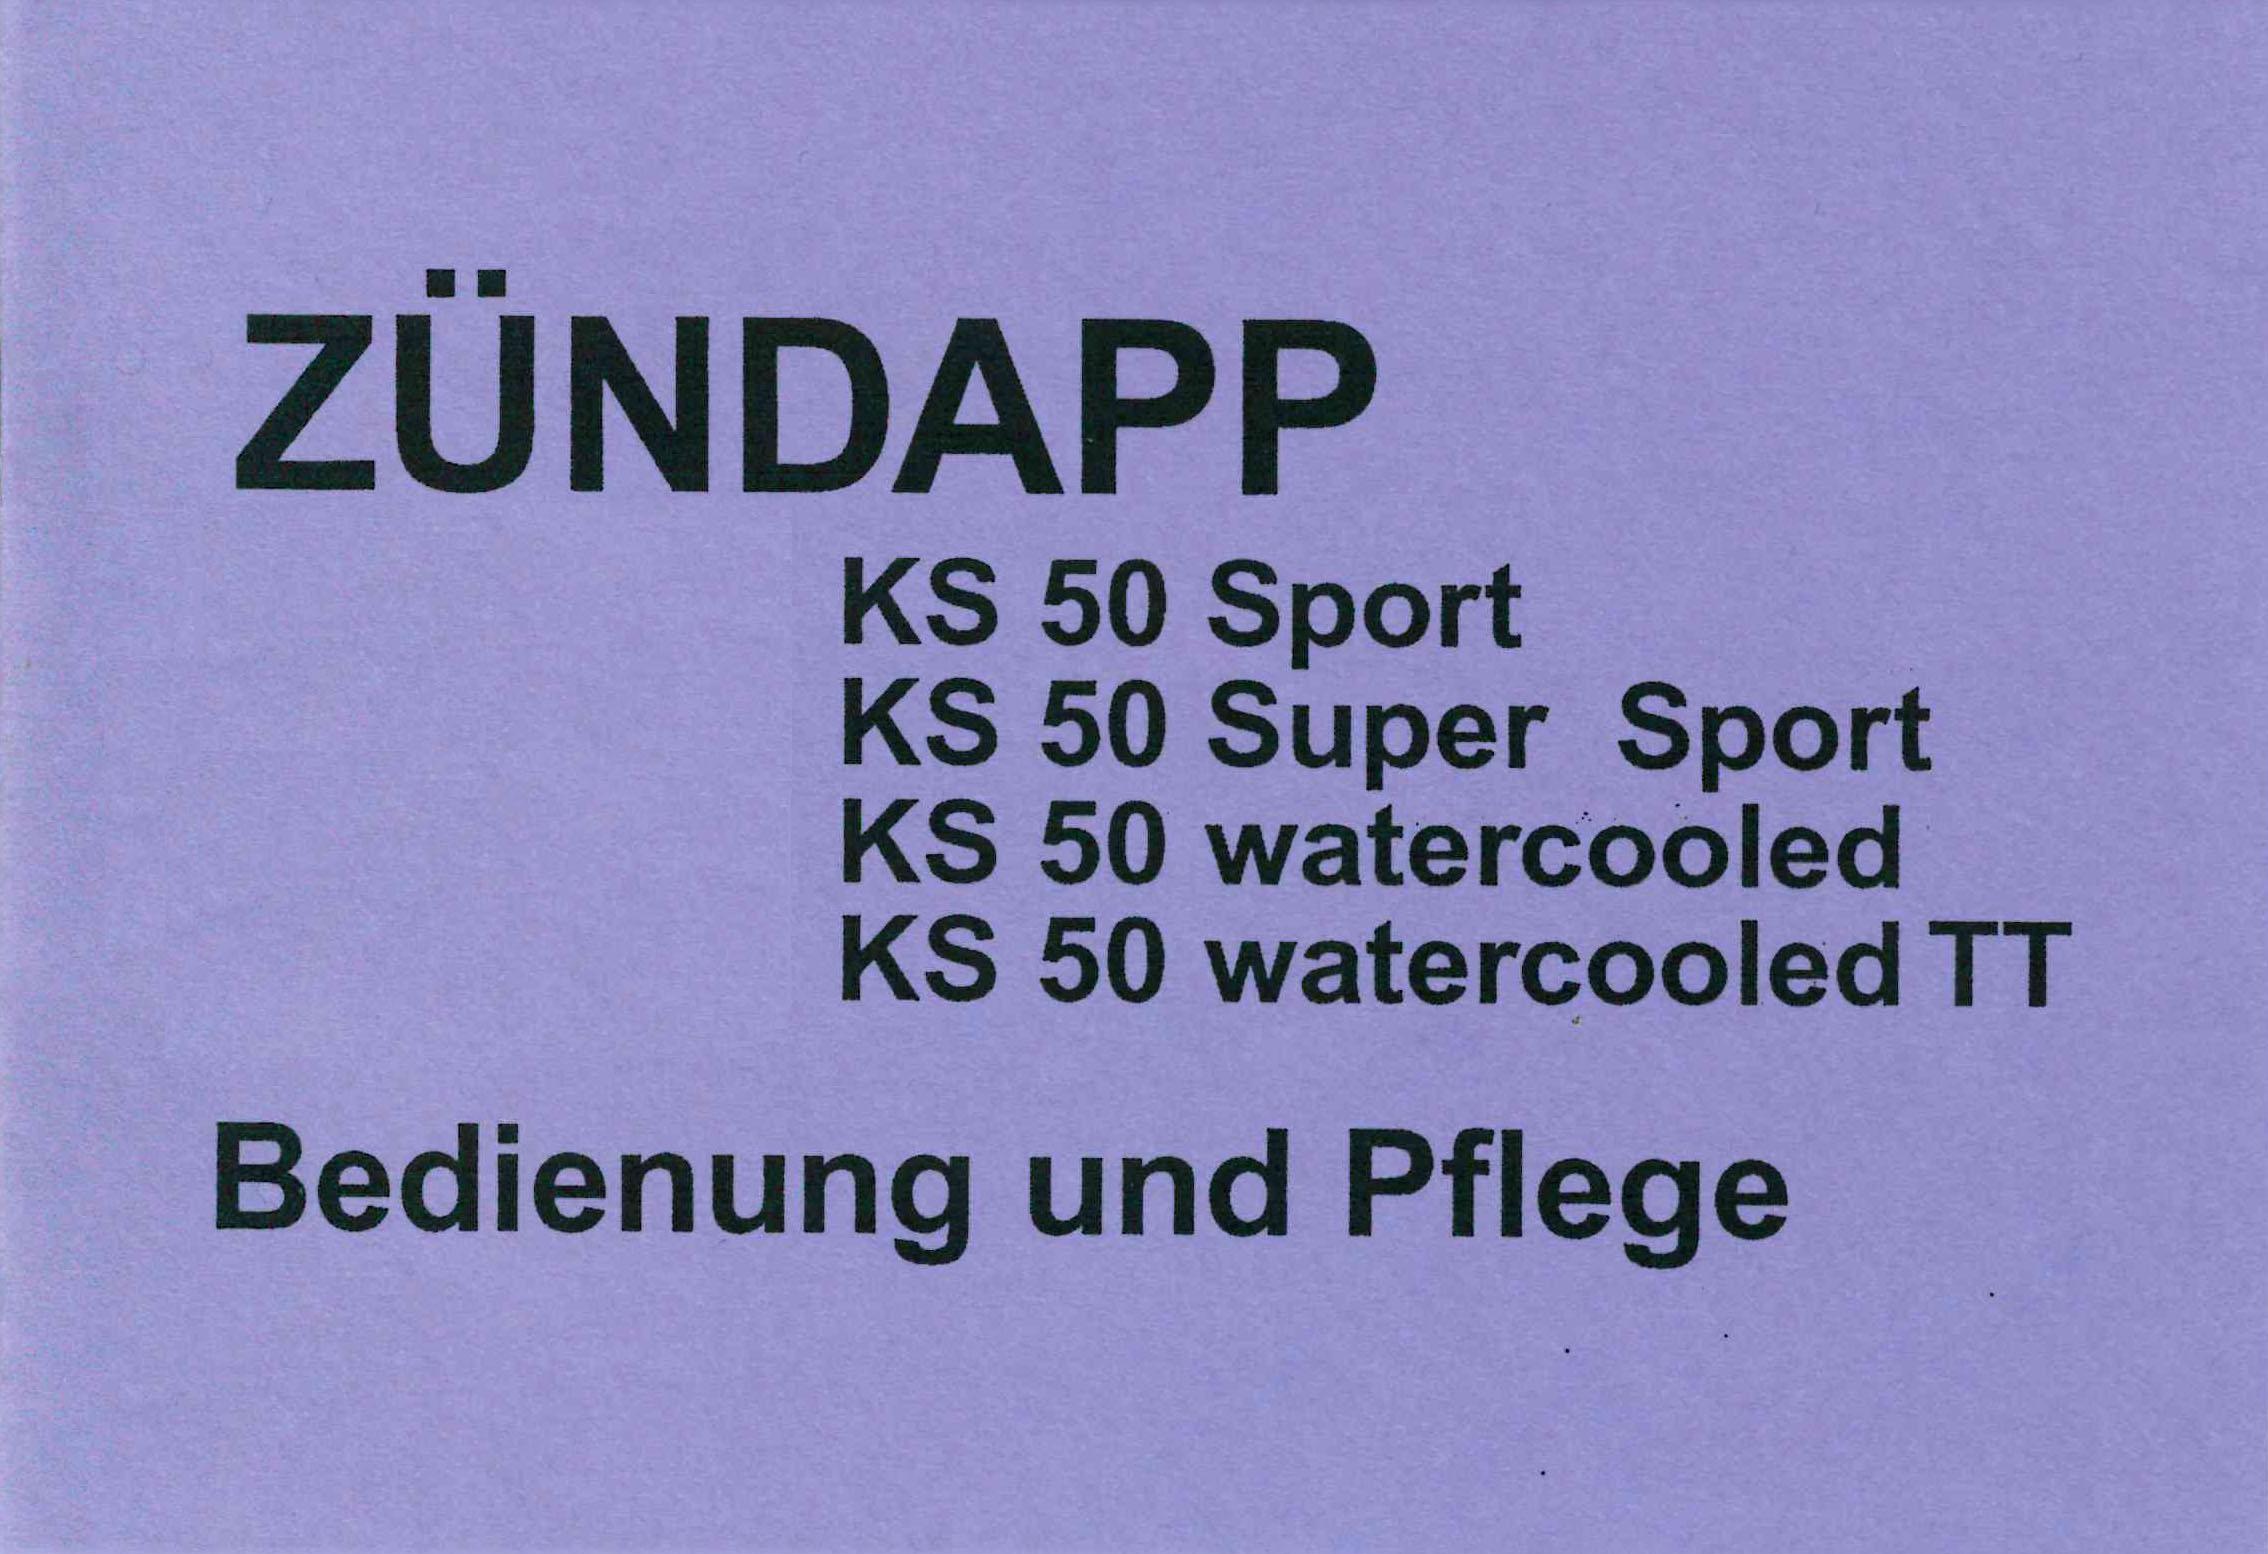 moped z ndapp ks 50 sport supersport wc wc tt. Black Bedroom Furniture Sets. Home Design Ideas